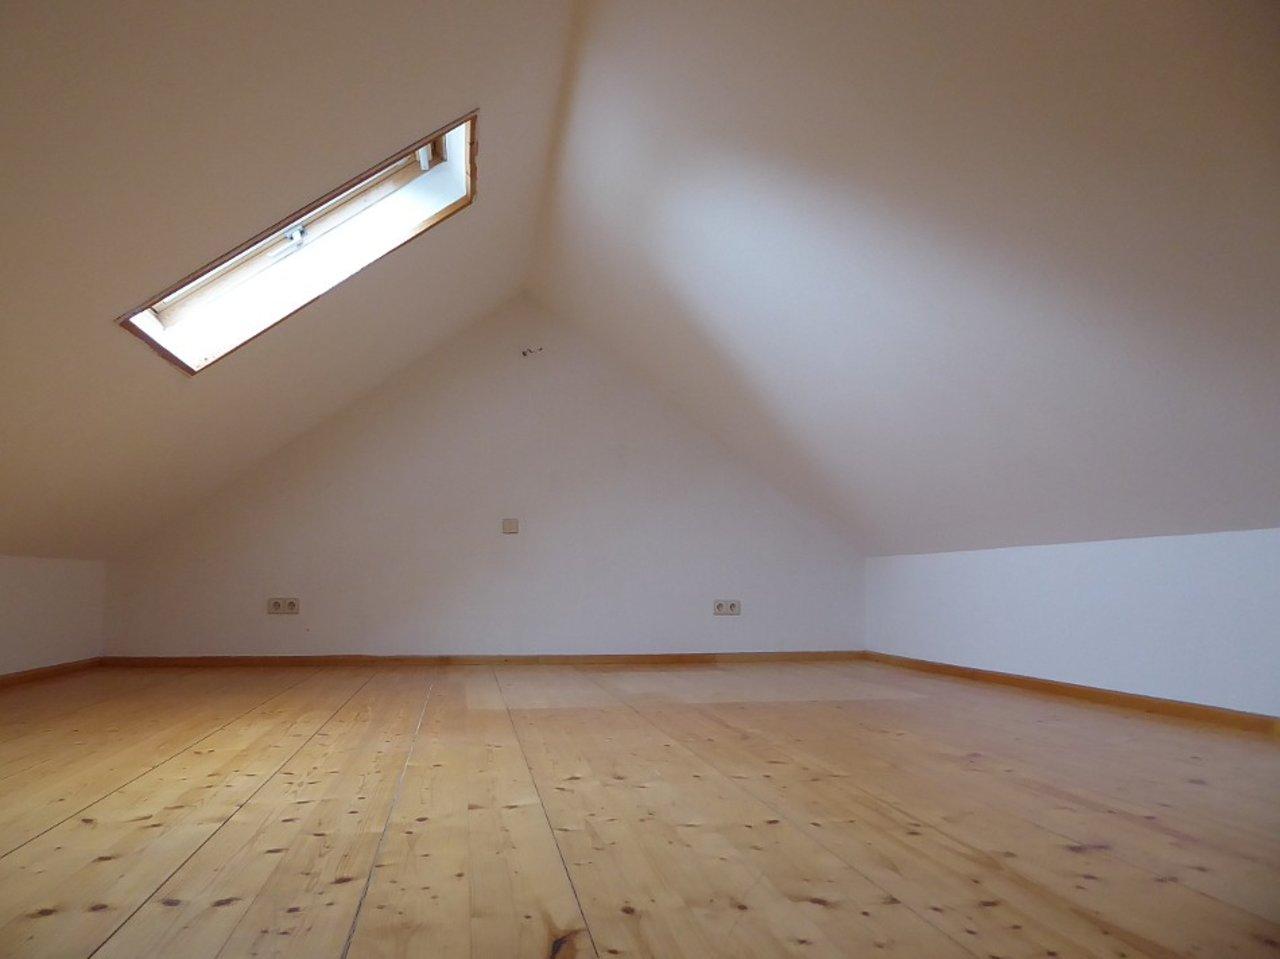 Individuelle 3-Zimmer-DG-Wohnung mit ausgebautem Dachspitz in Arnstadt-Ausgebauter Dachspitz